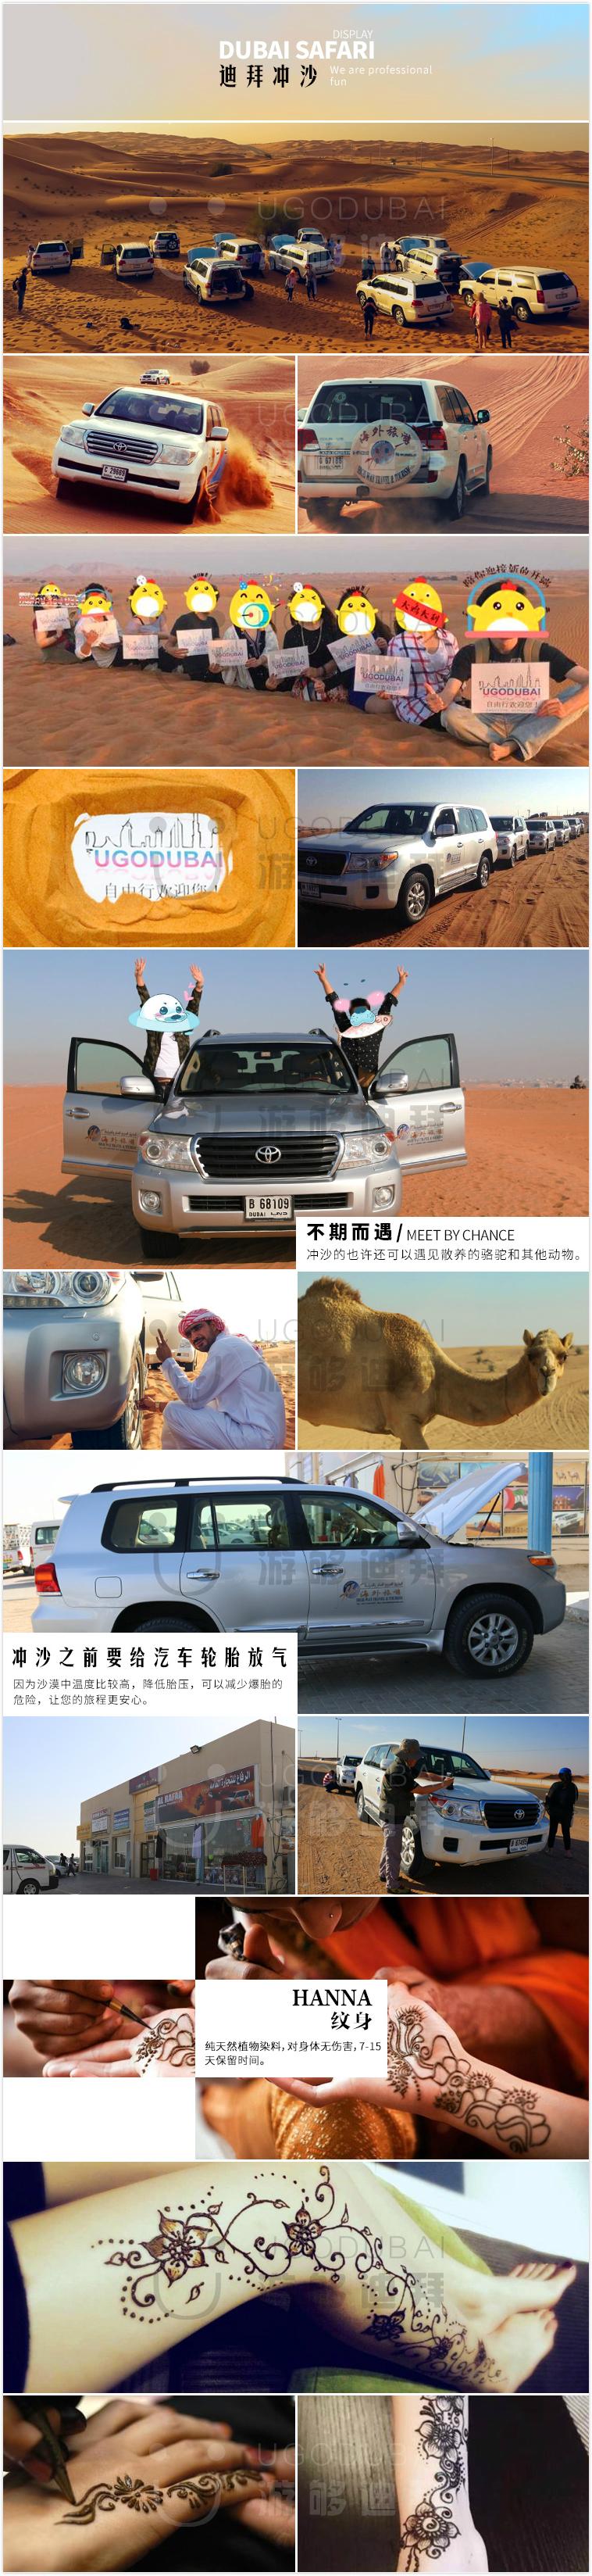 迪拜沙漠冲沙 (4)